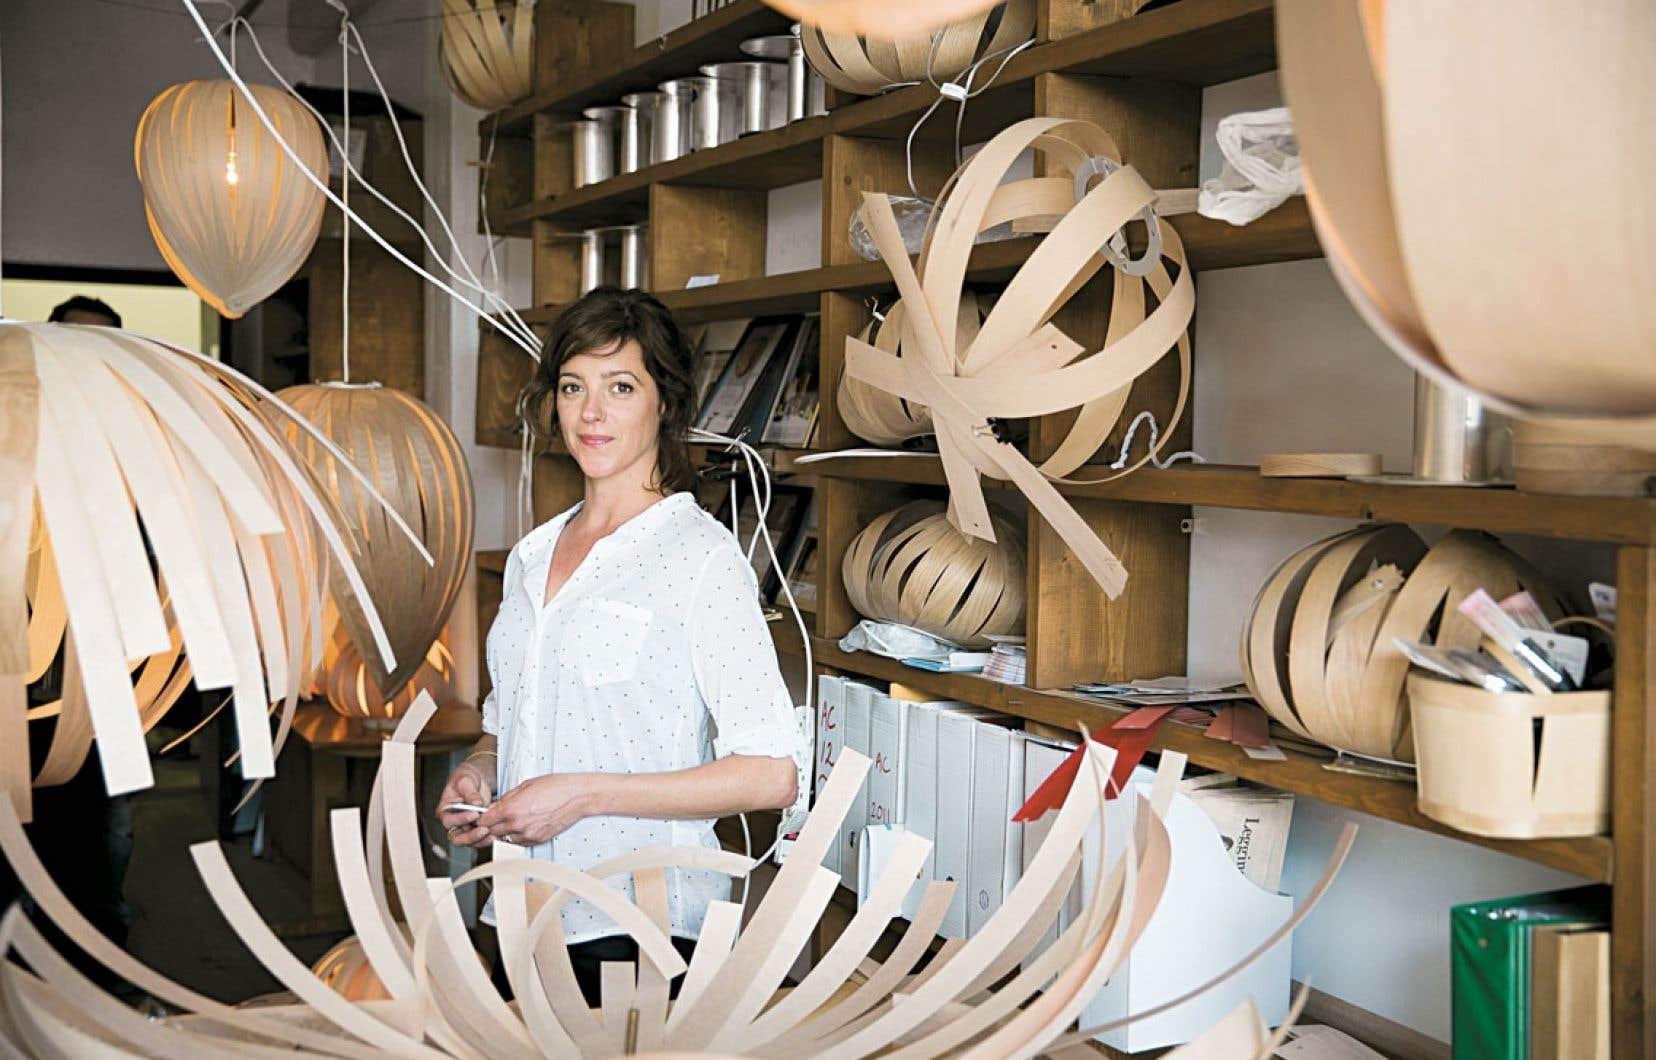 L'Atelier cocotte, mené par Isabelle Auger, fabrique des lampes végétales en utilisant des essences locales, comme le merisier et l'érable.